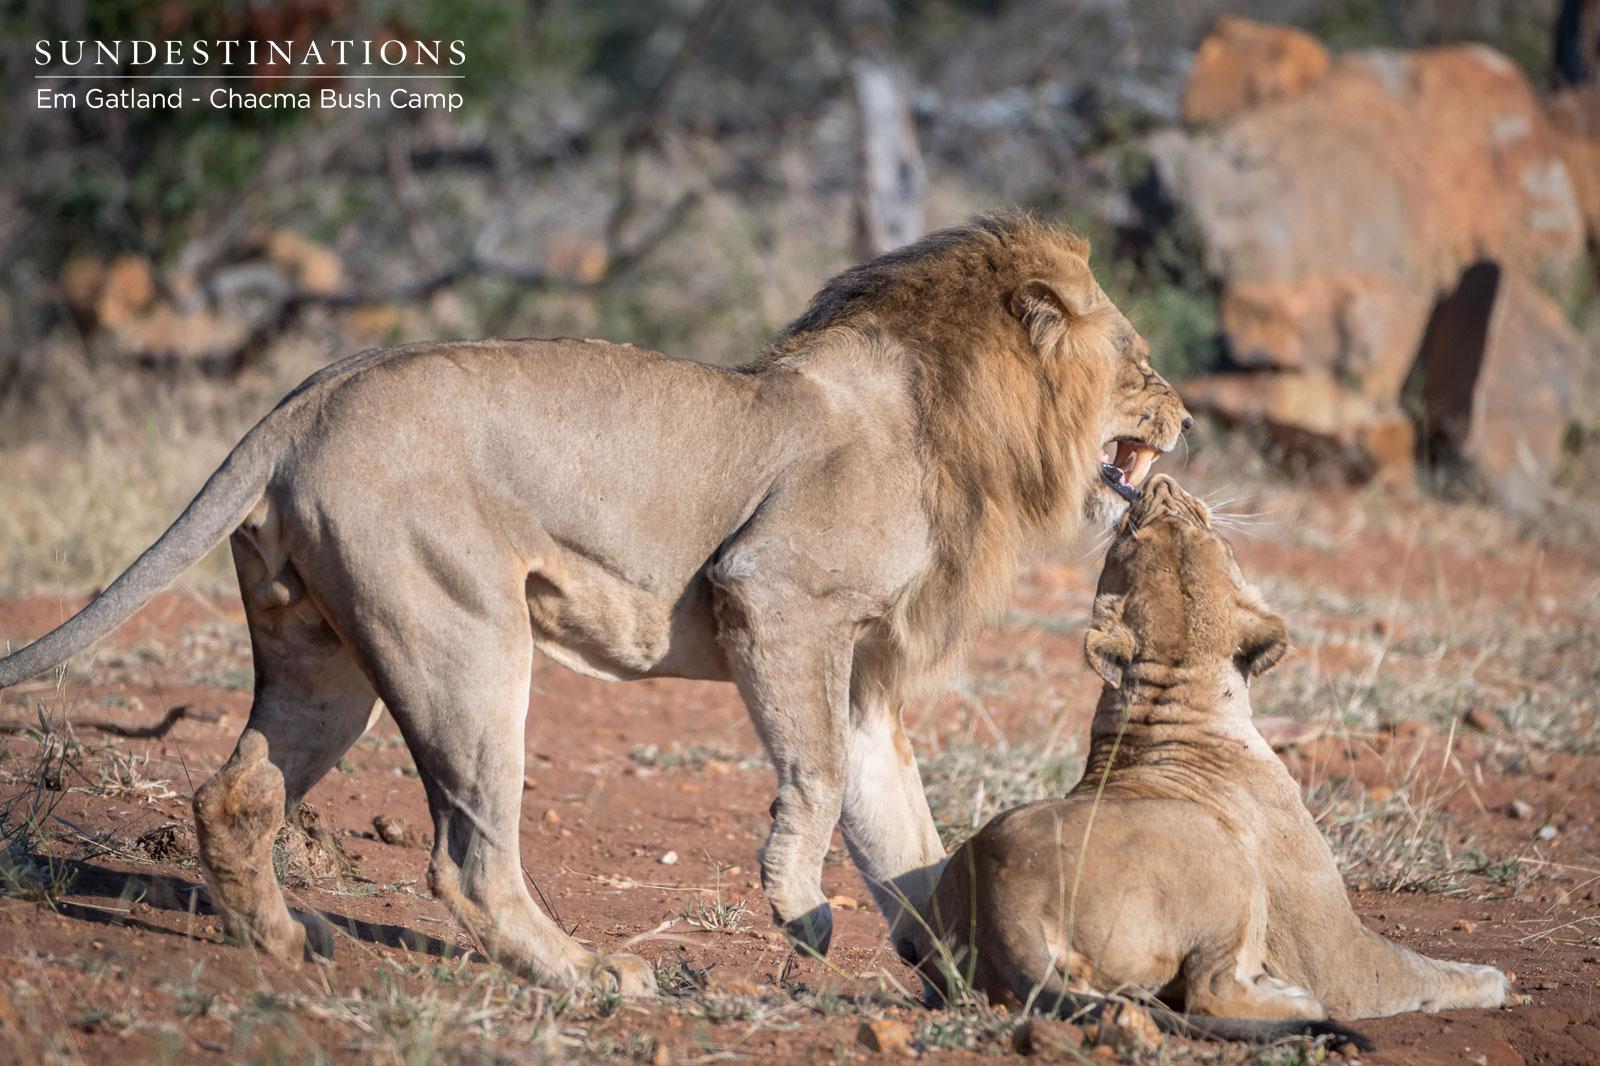 Maseke Male Lion with Lamai Female